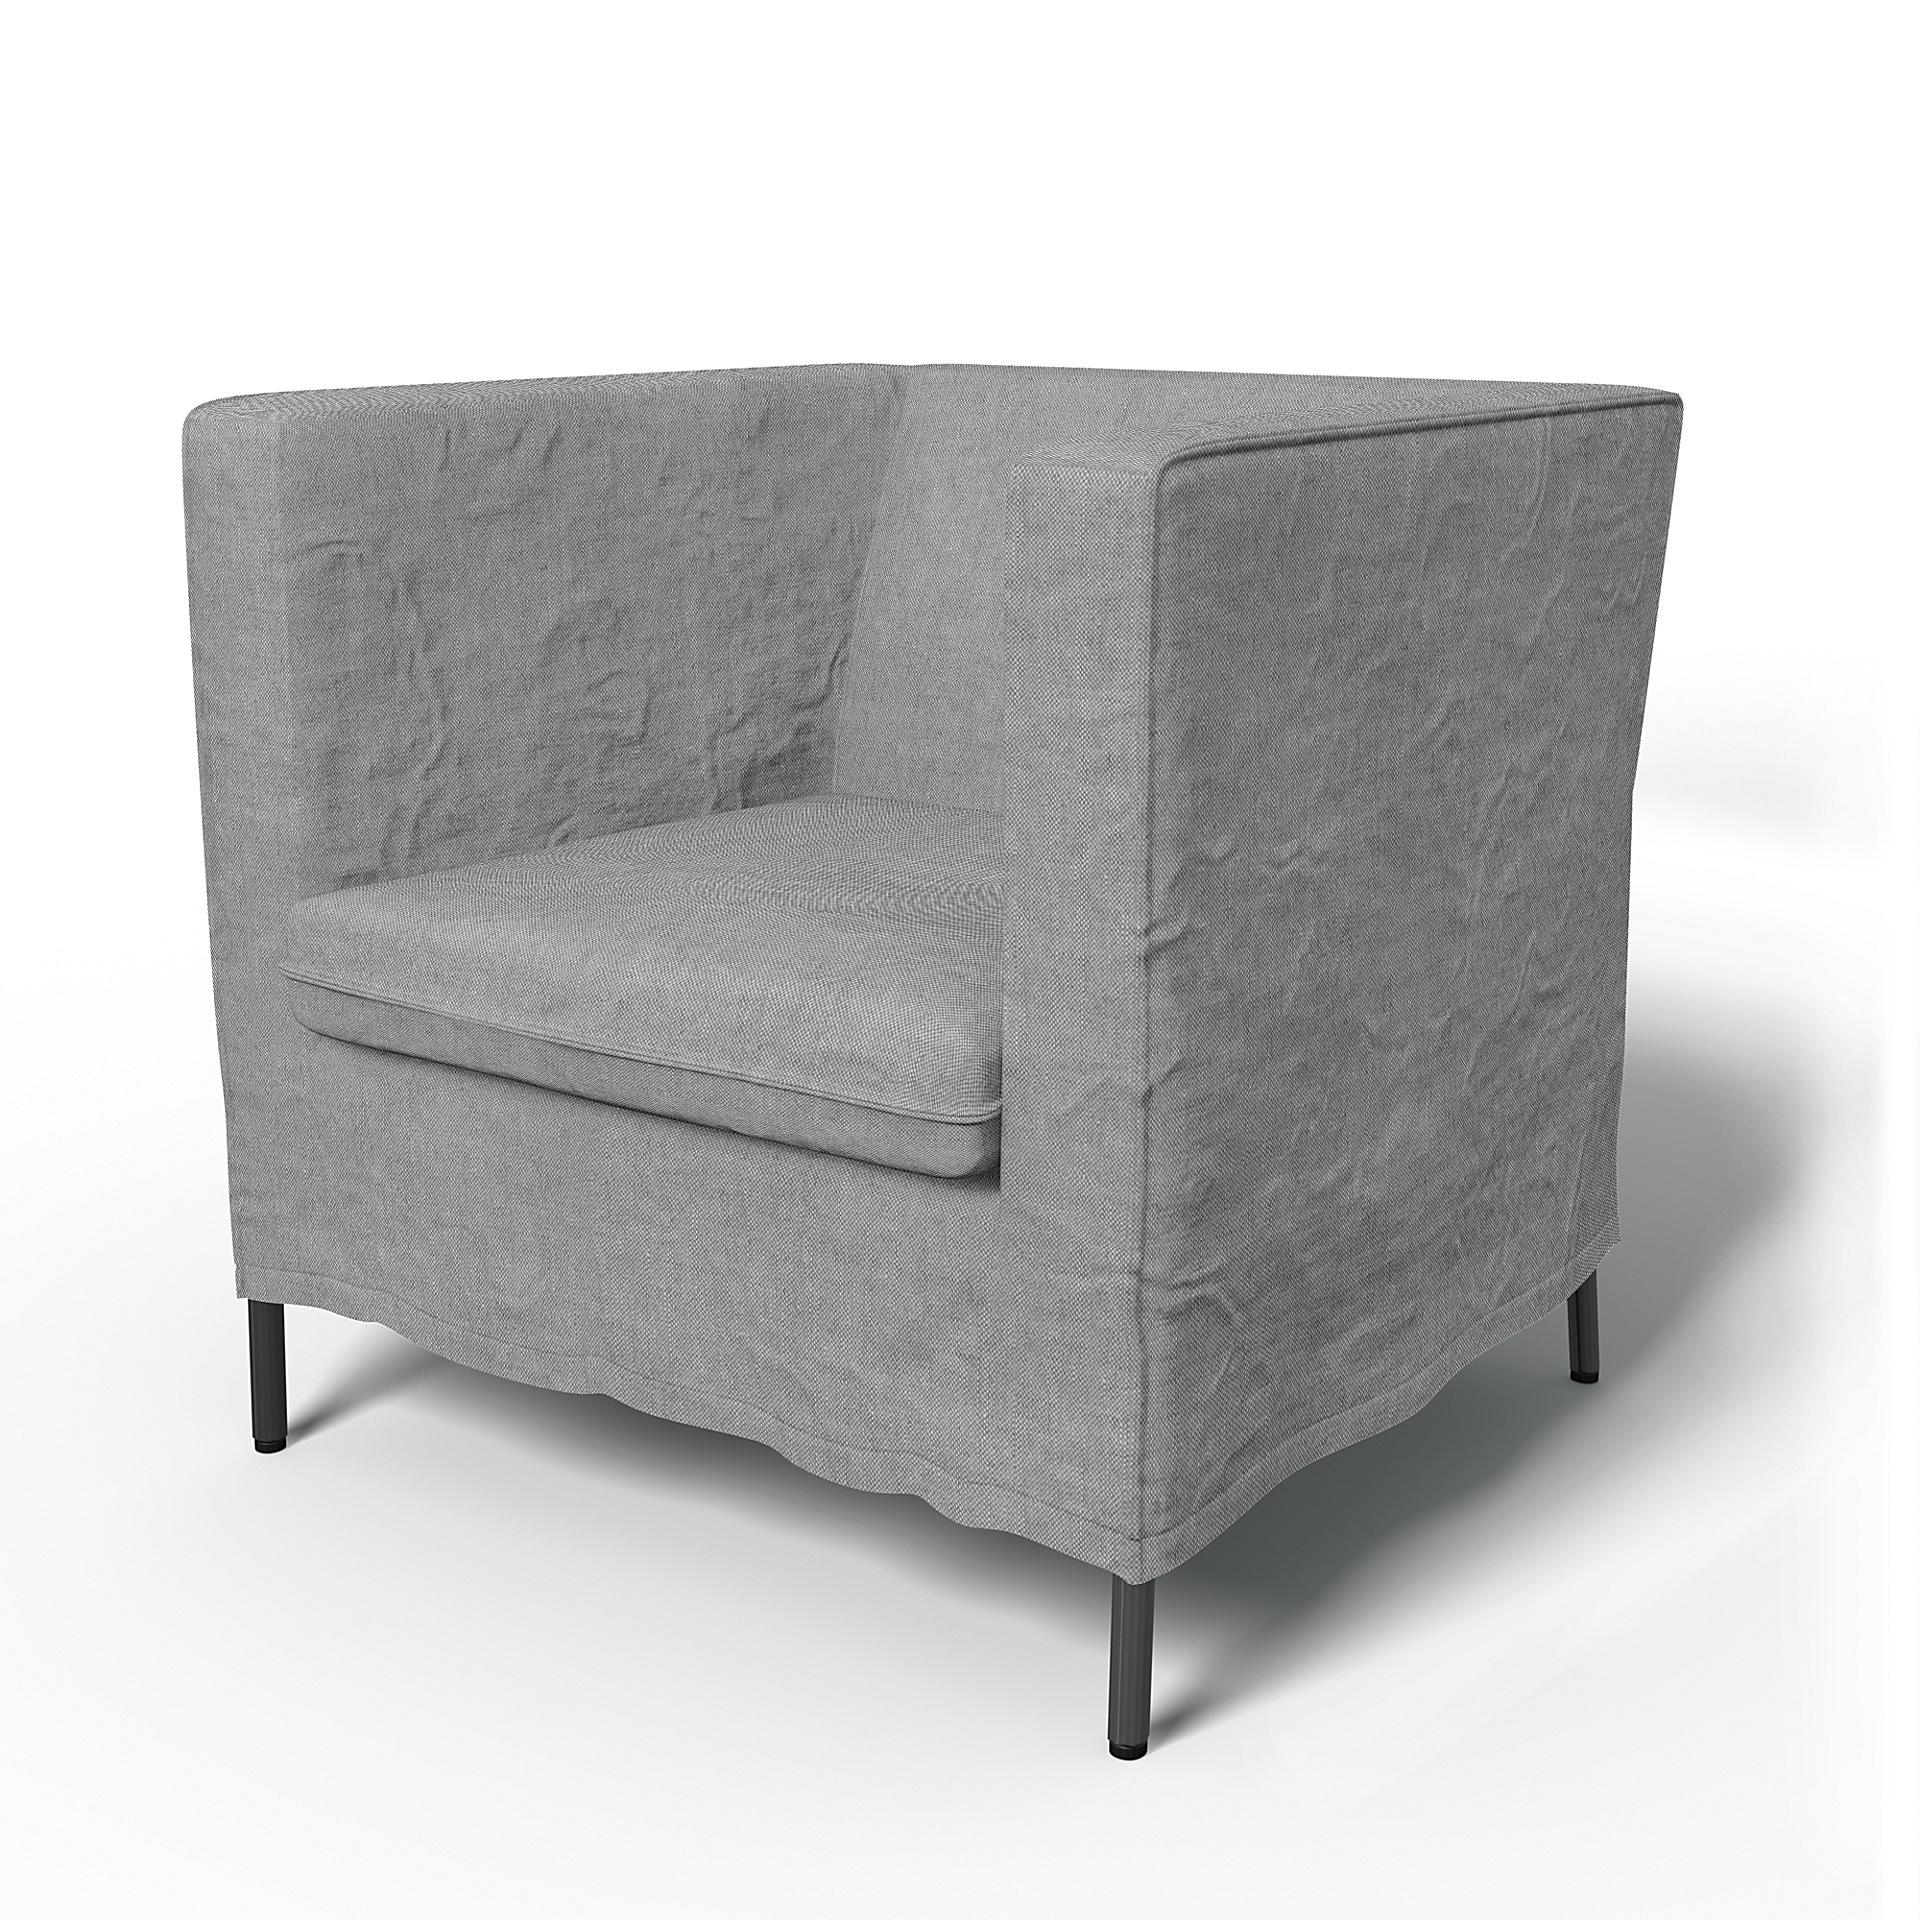 Fabulous Ikea Klappsta Armchair Cover Loose Fit Bemz Inzonedesignstudio Interior Chair Design Inzonedesignstudiocom